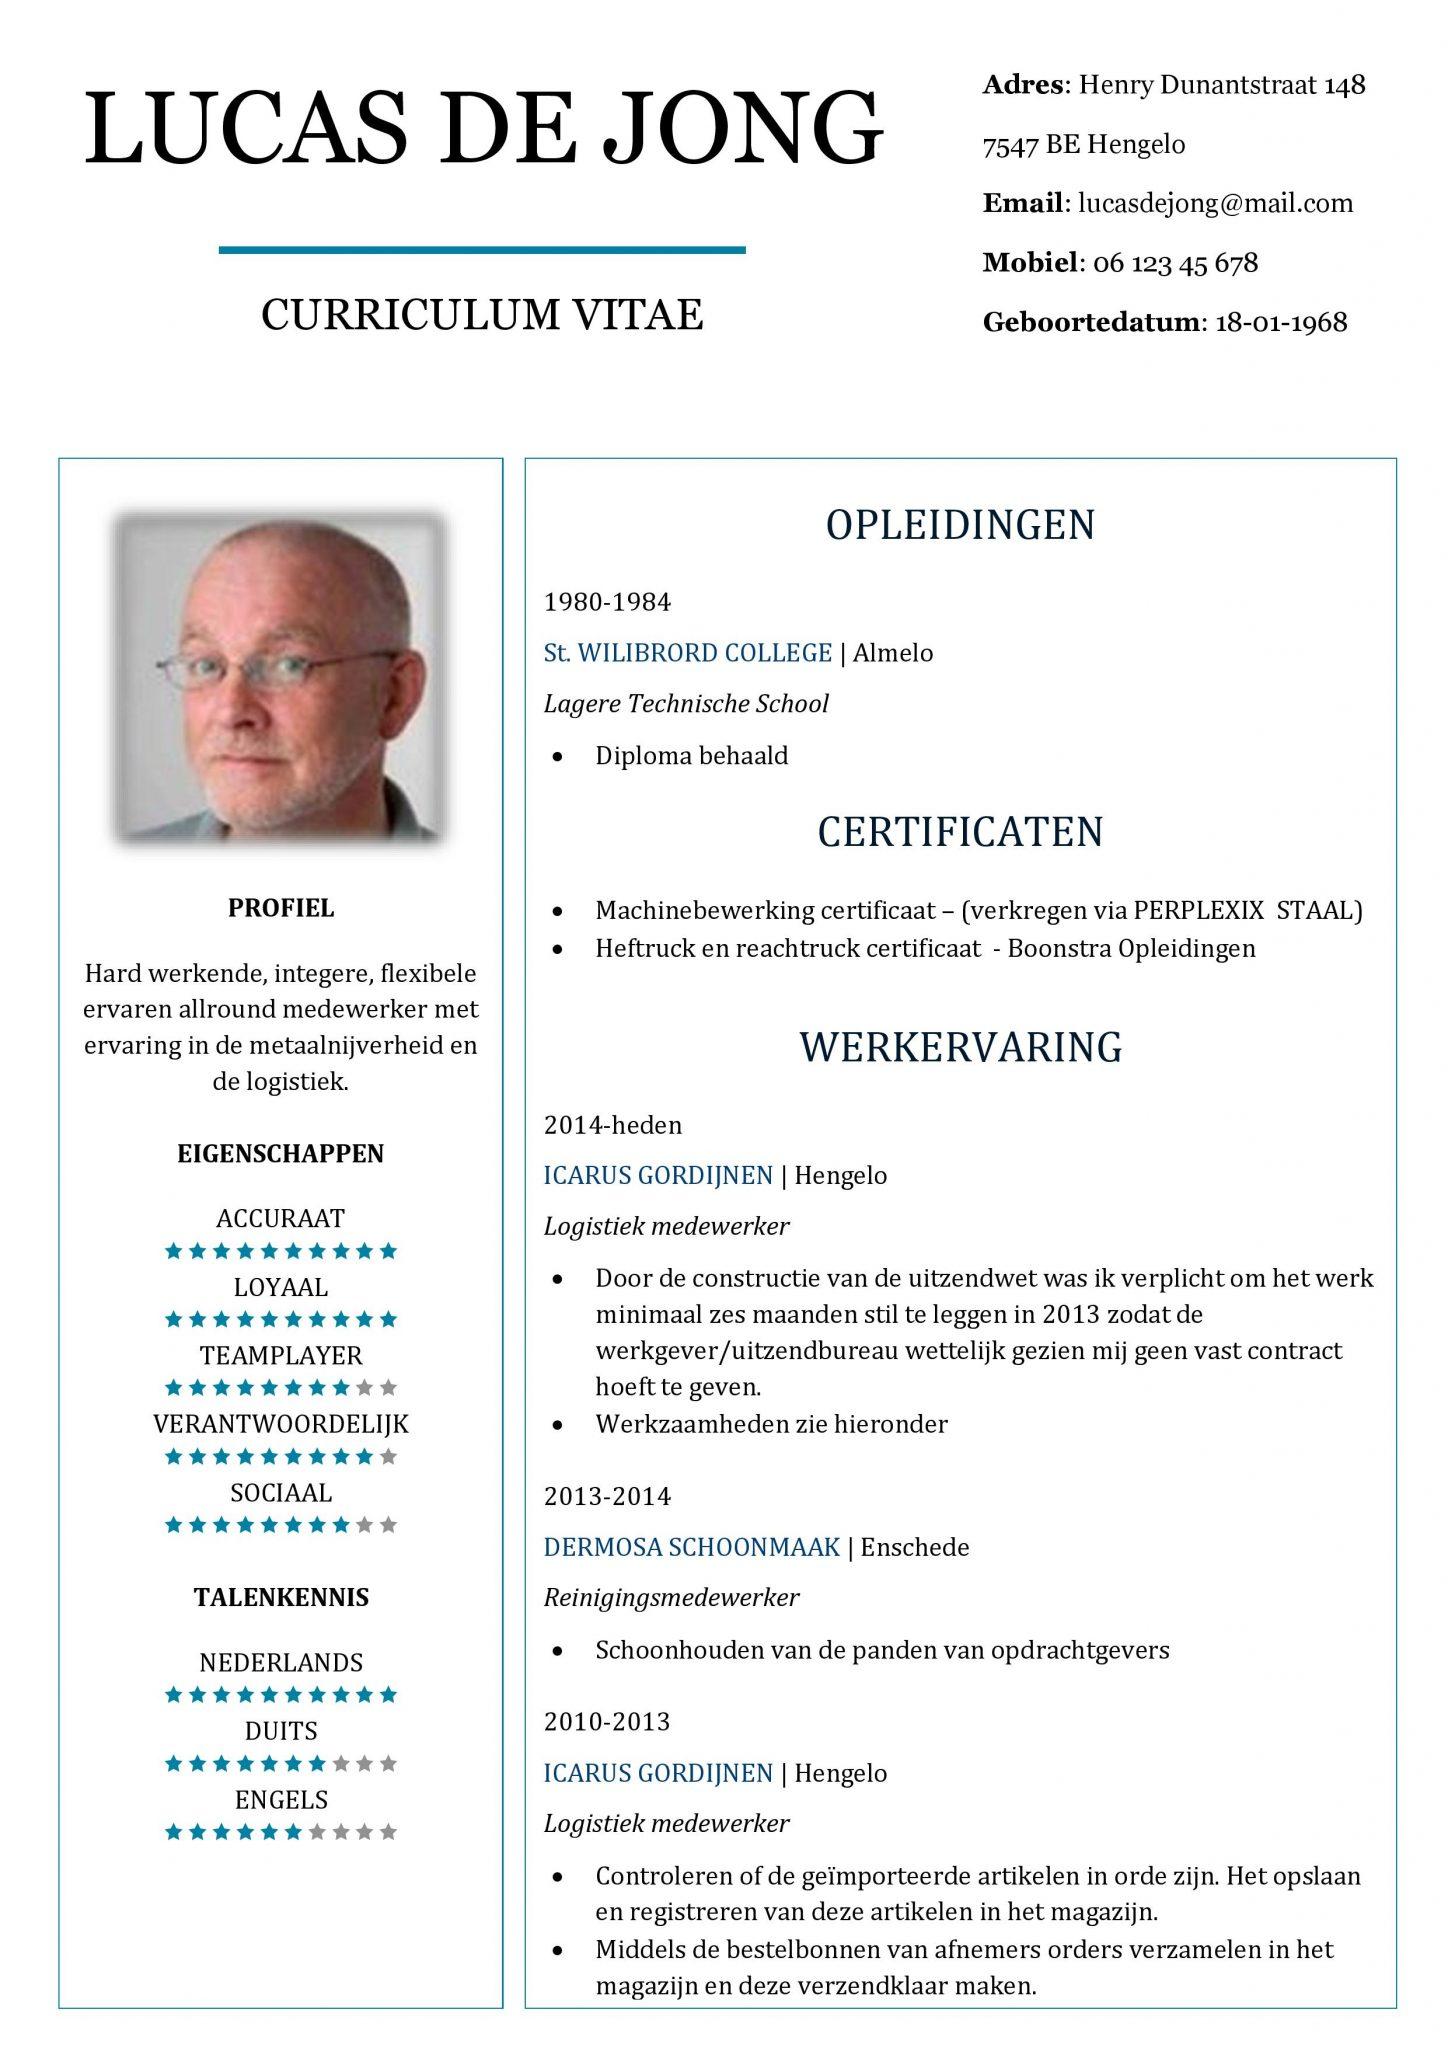 Super CV Voorbeeld Chesterfield - De Beste Gratis CV Sjabloon van Nederland! #IO62